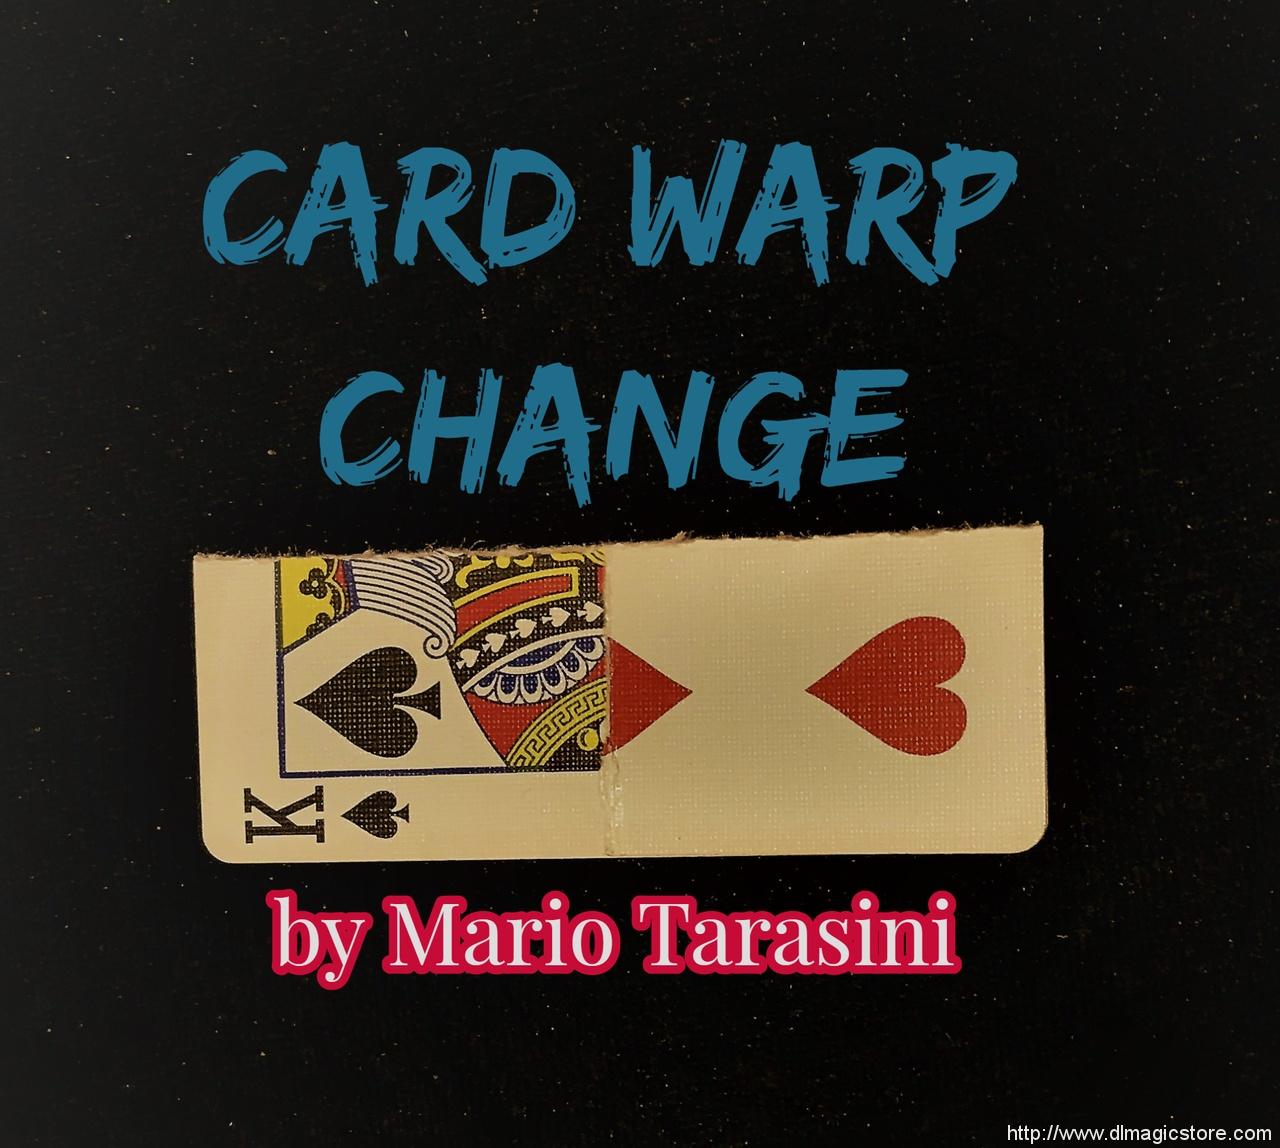 Card Warp Change by Mario Tarasini